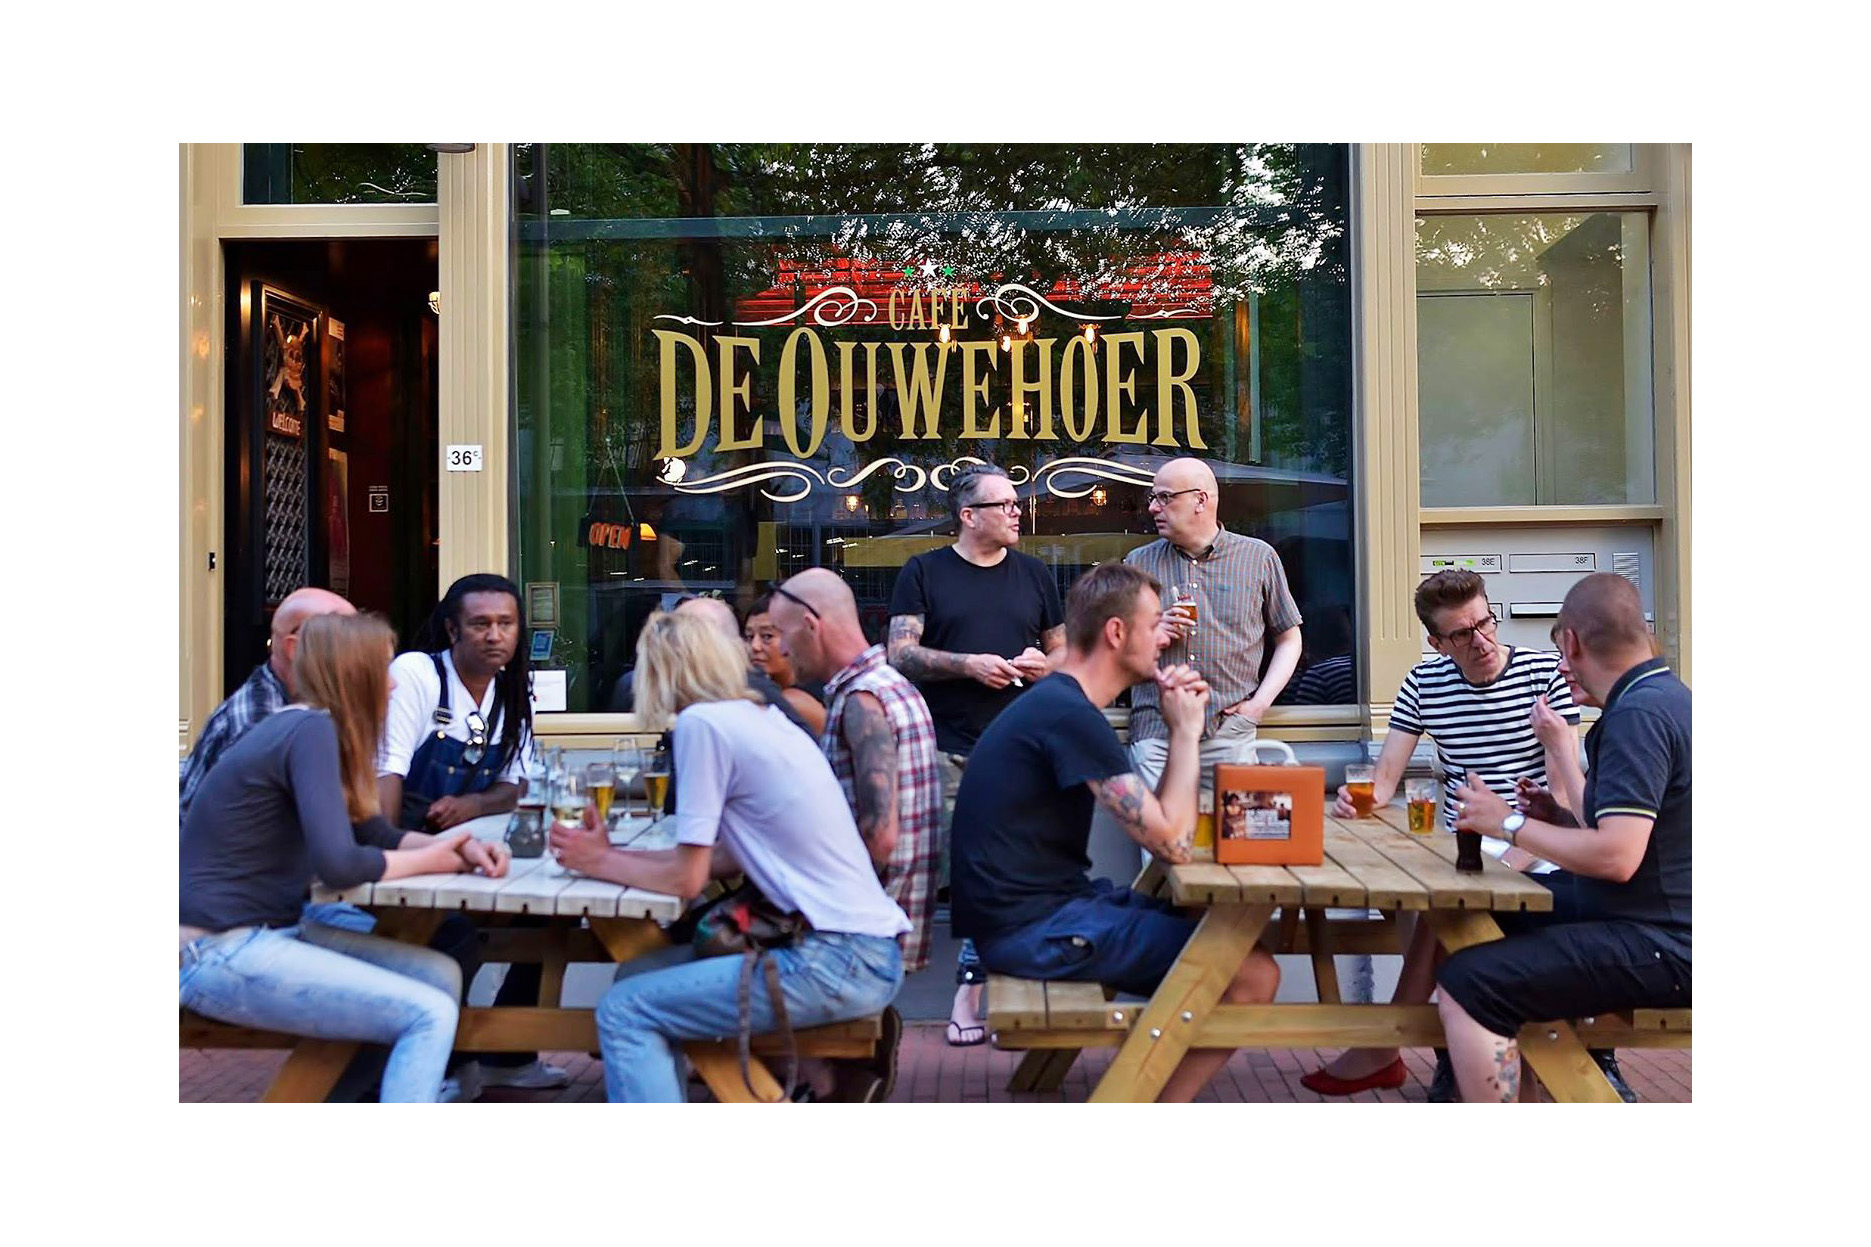 DeOuwehoer_12